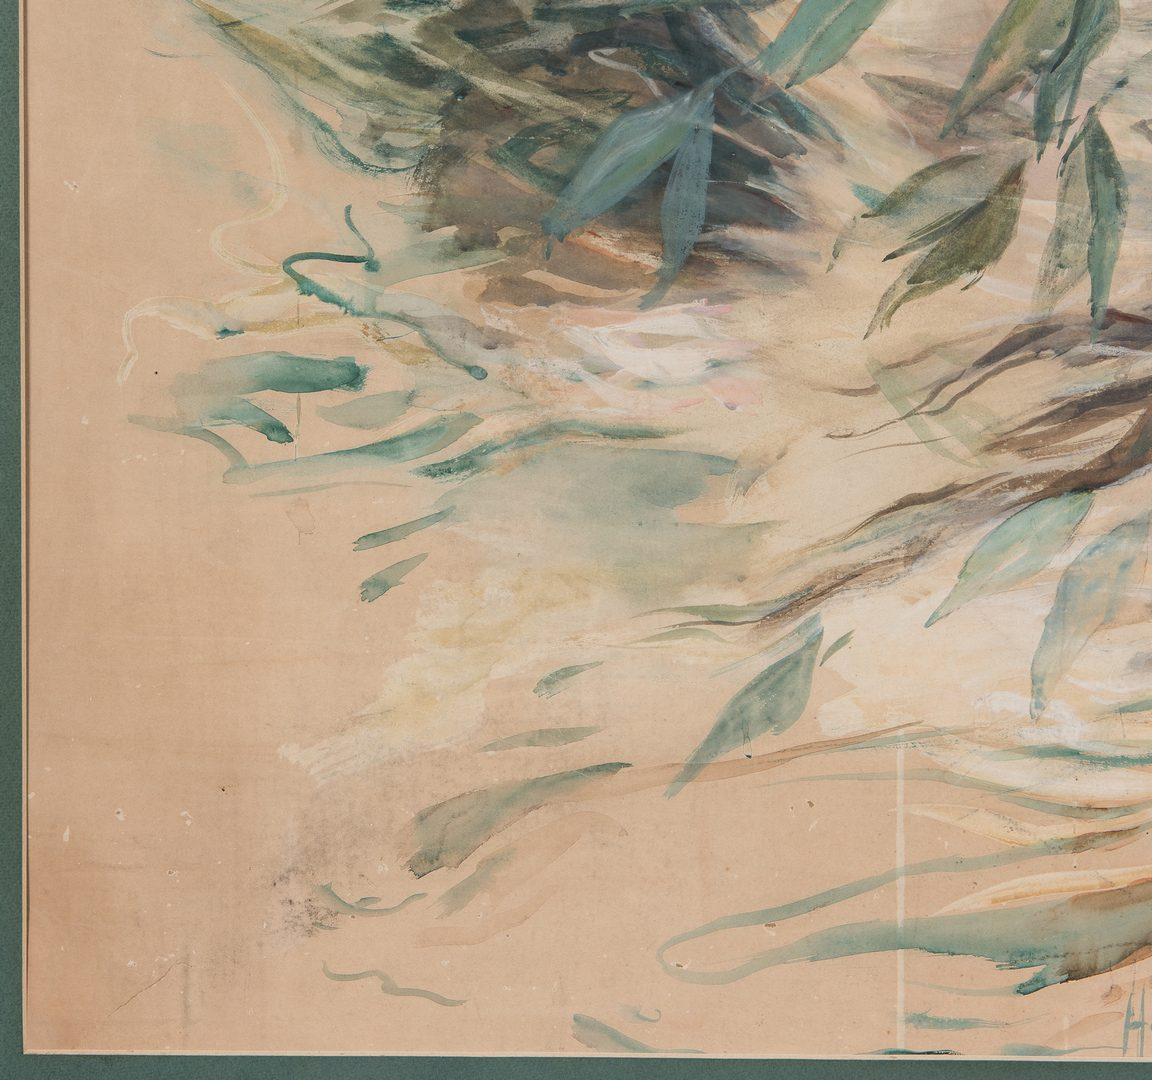 """Lot 223: Howard Chandler Christy Watercolor Illustration, """"Eve"""""""